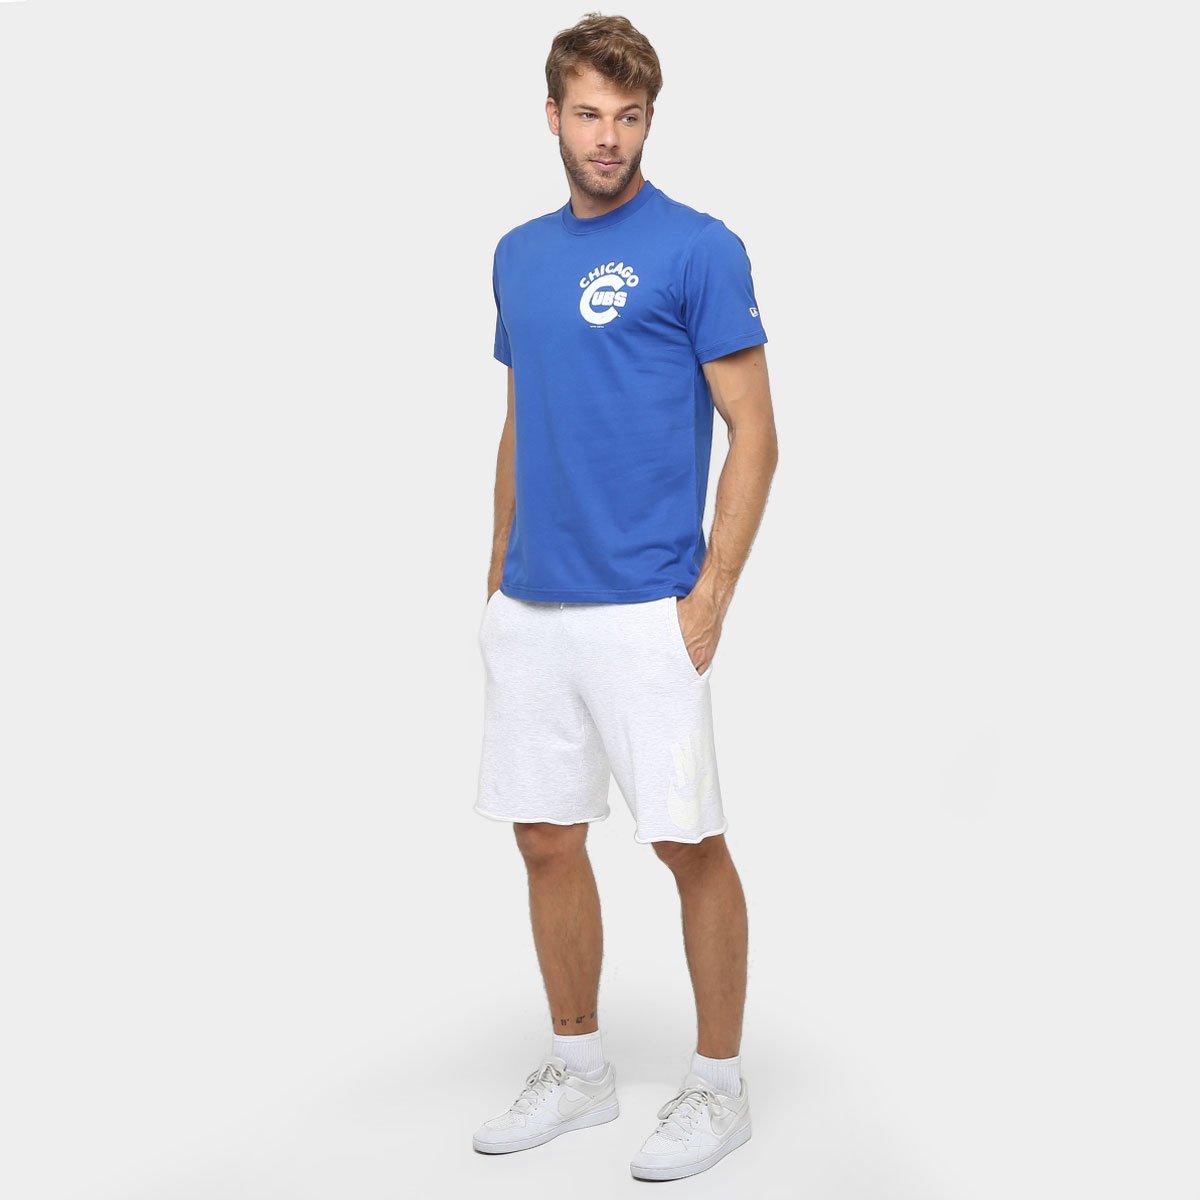 Camiseta New Era MLB Nac Flag Usa 6 Chicago Cubs - Compre Agora ... 7dd3b76bb37